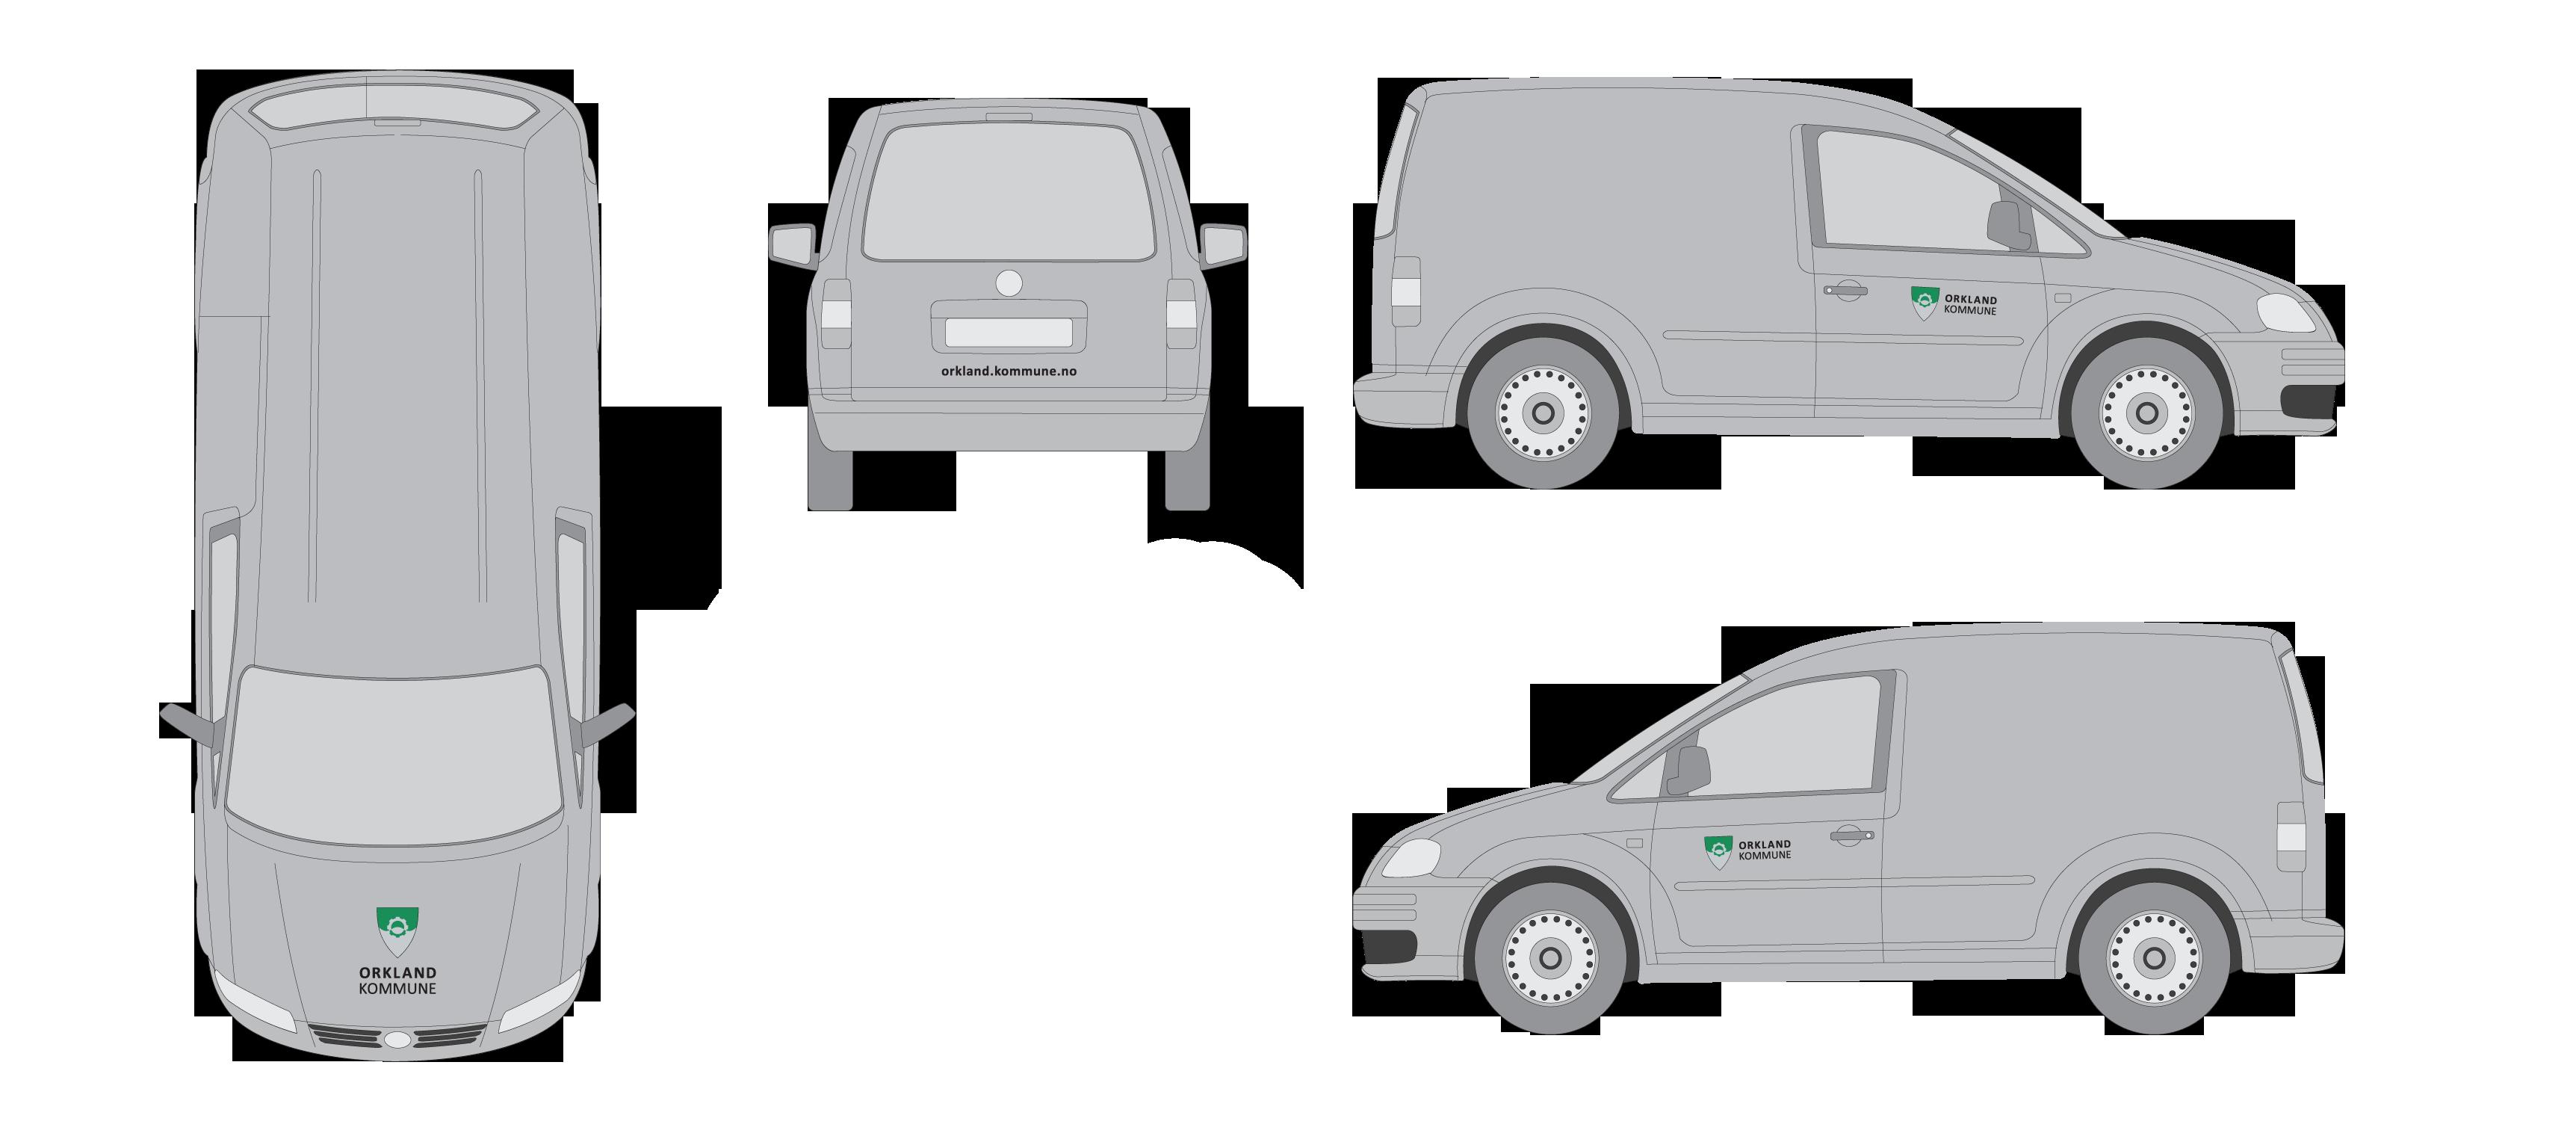 orkland_kommune_grafisk_profil_bil_200702.png